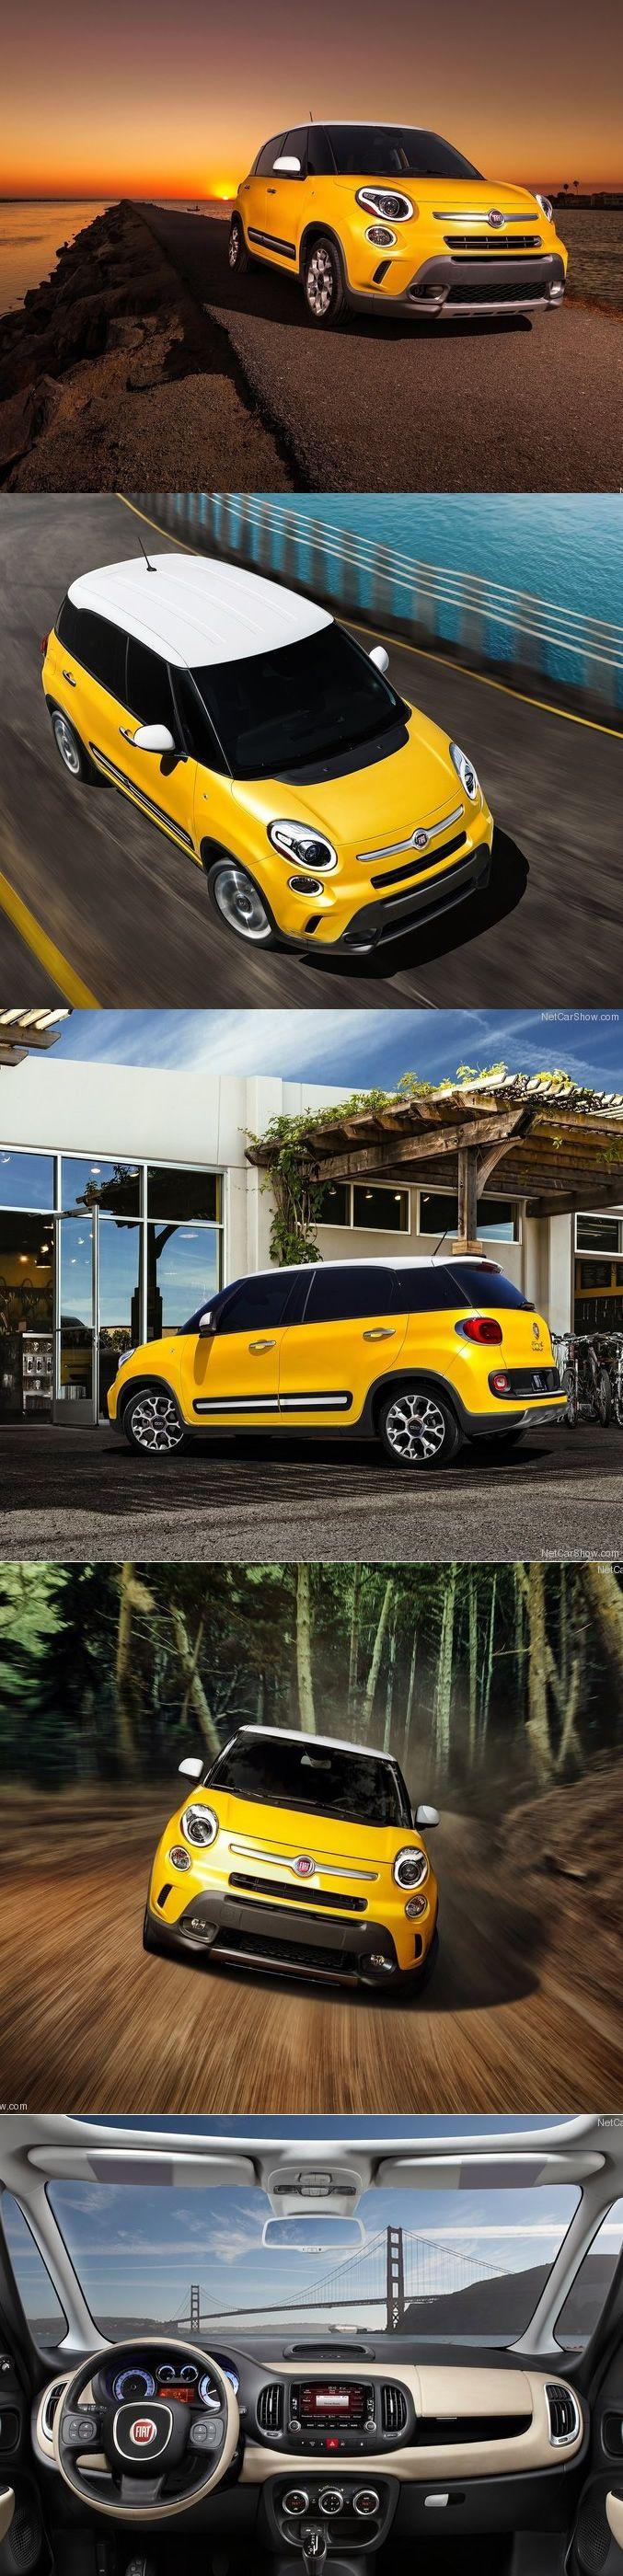 Novi Fiat 500L. #beautiful #500L #fiatlove #weloveyellow #yellow